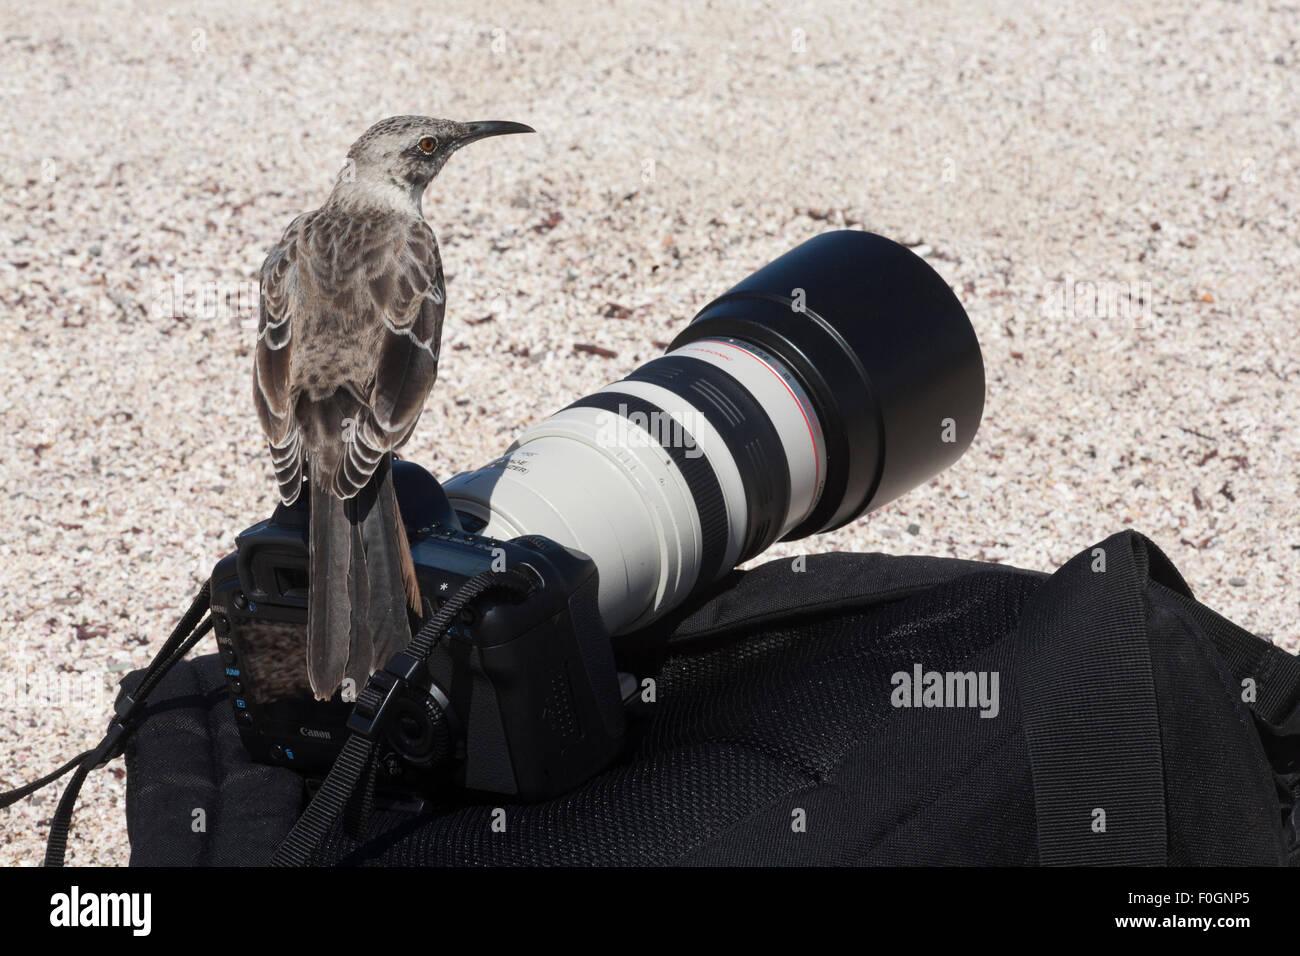 Espanola Mockingbird (Mimus macdonaldi) perché sur l'appareil photo de touriste et pack. Banque D'Images